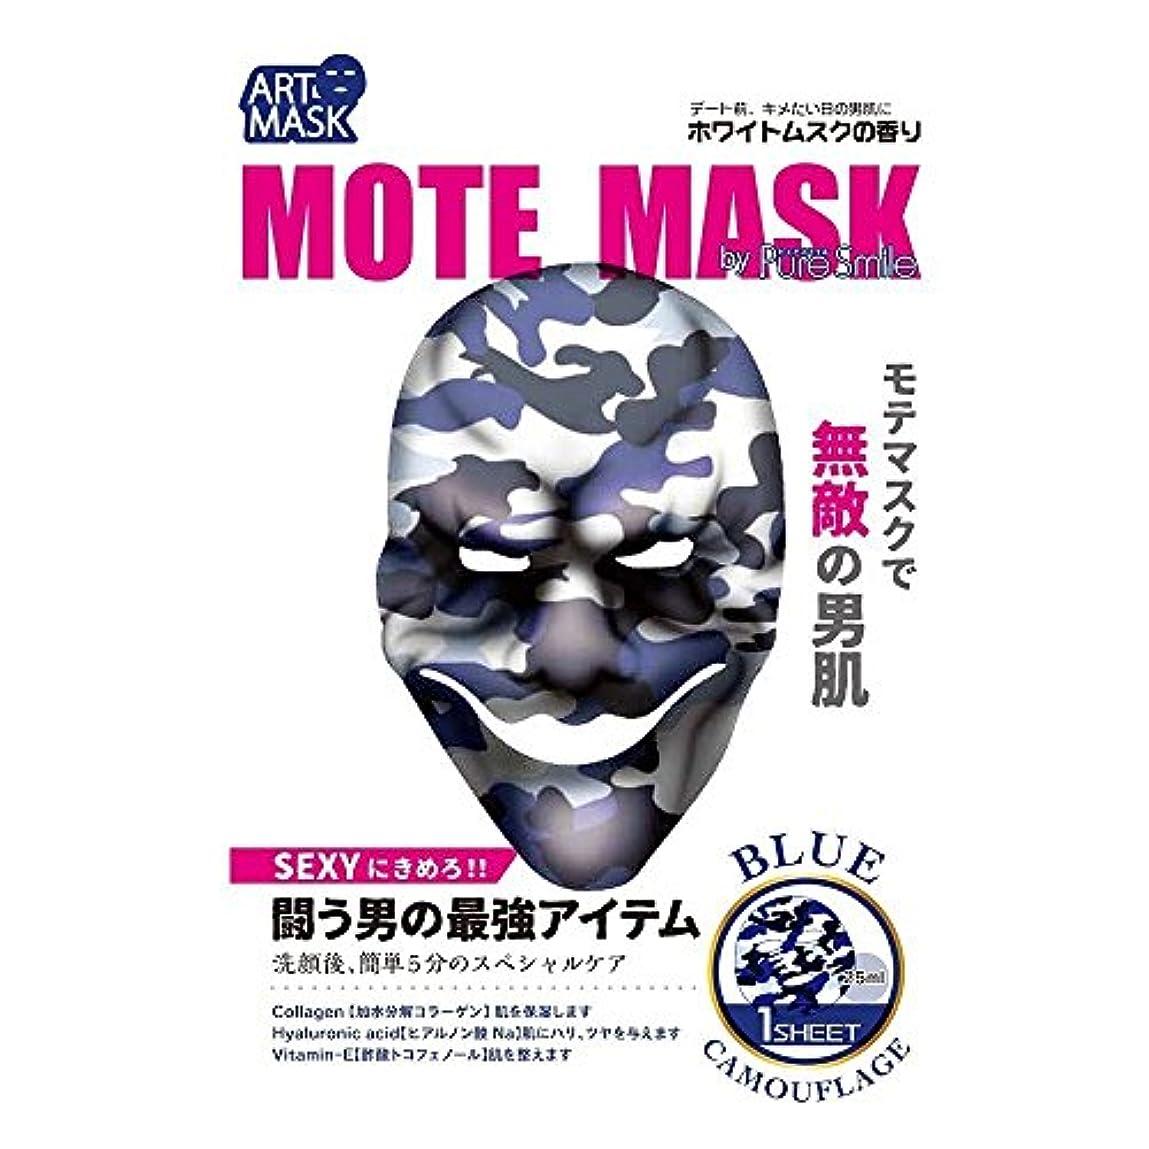 東方実現可能コンソールピュアスマイル モテマスク ブルーカモフラージュ MA02 【セクシー】